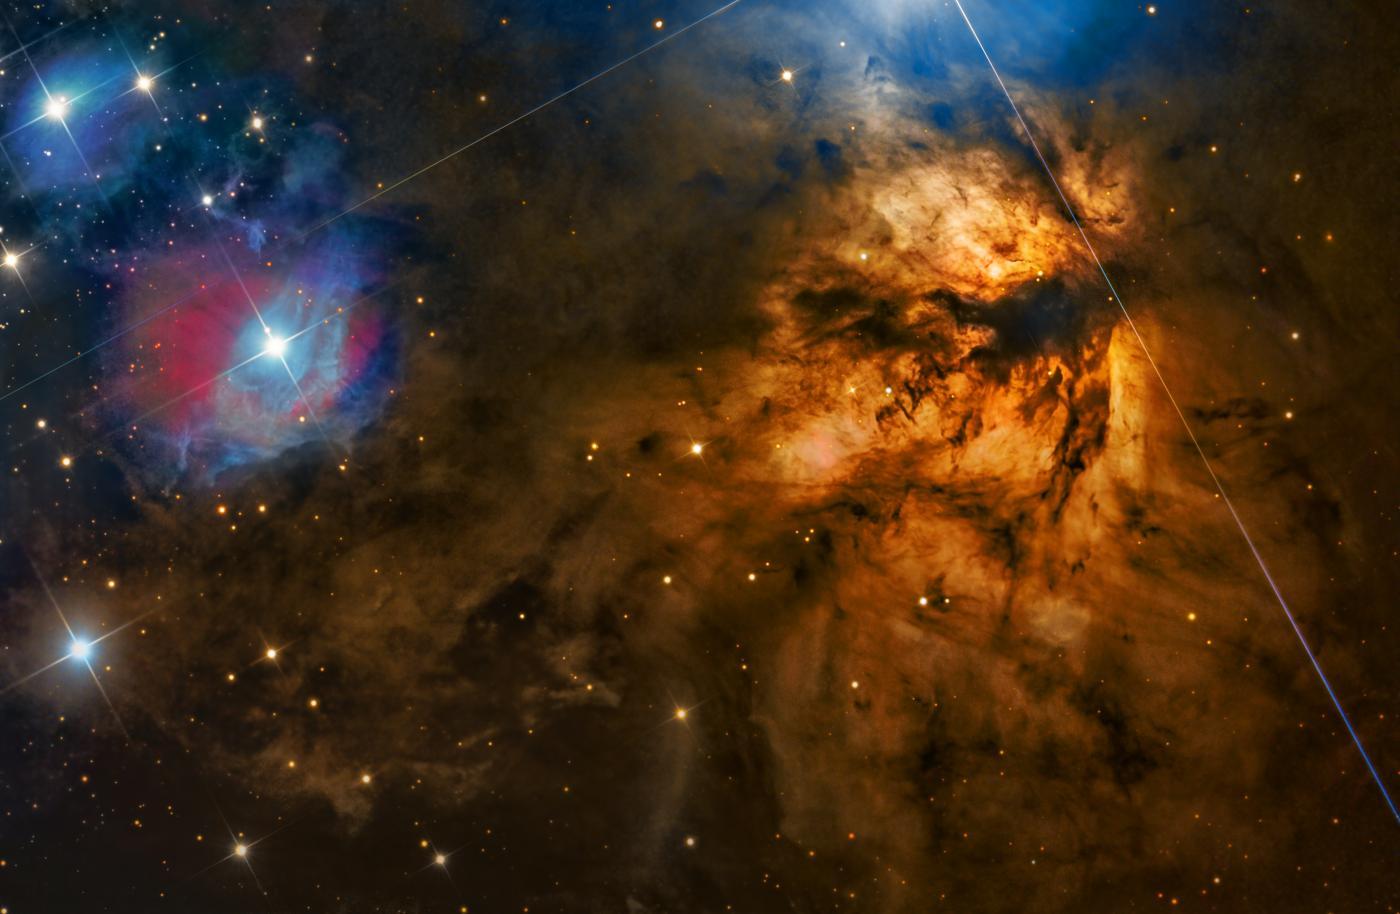 An image showing 'NGC 2024 – Flame Nebula'